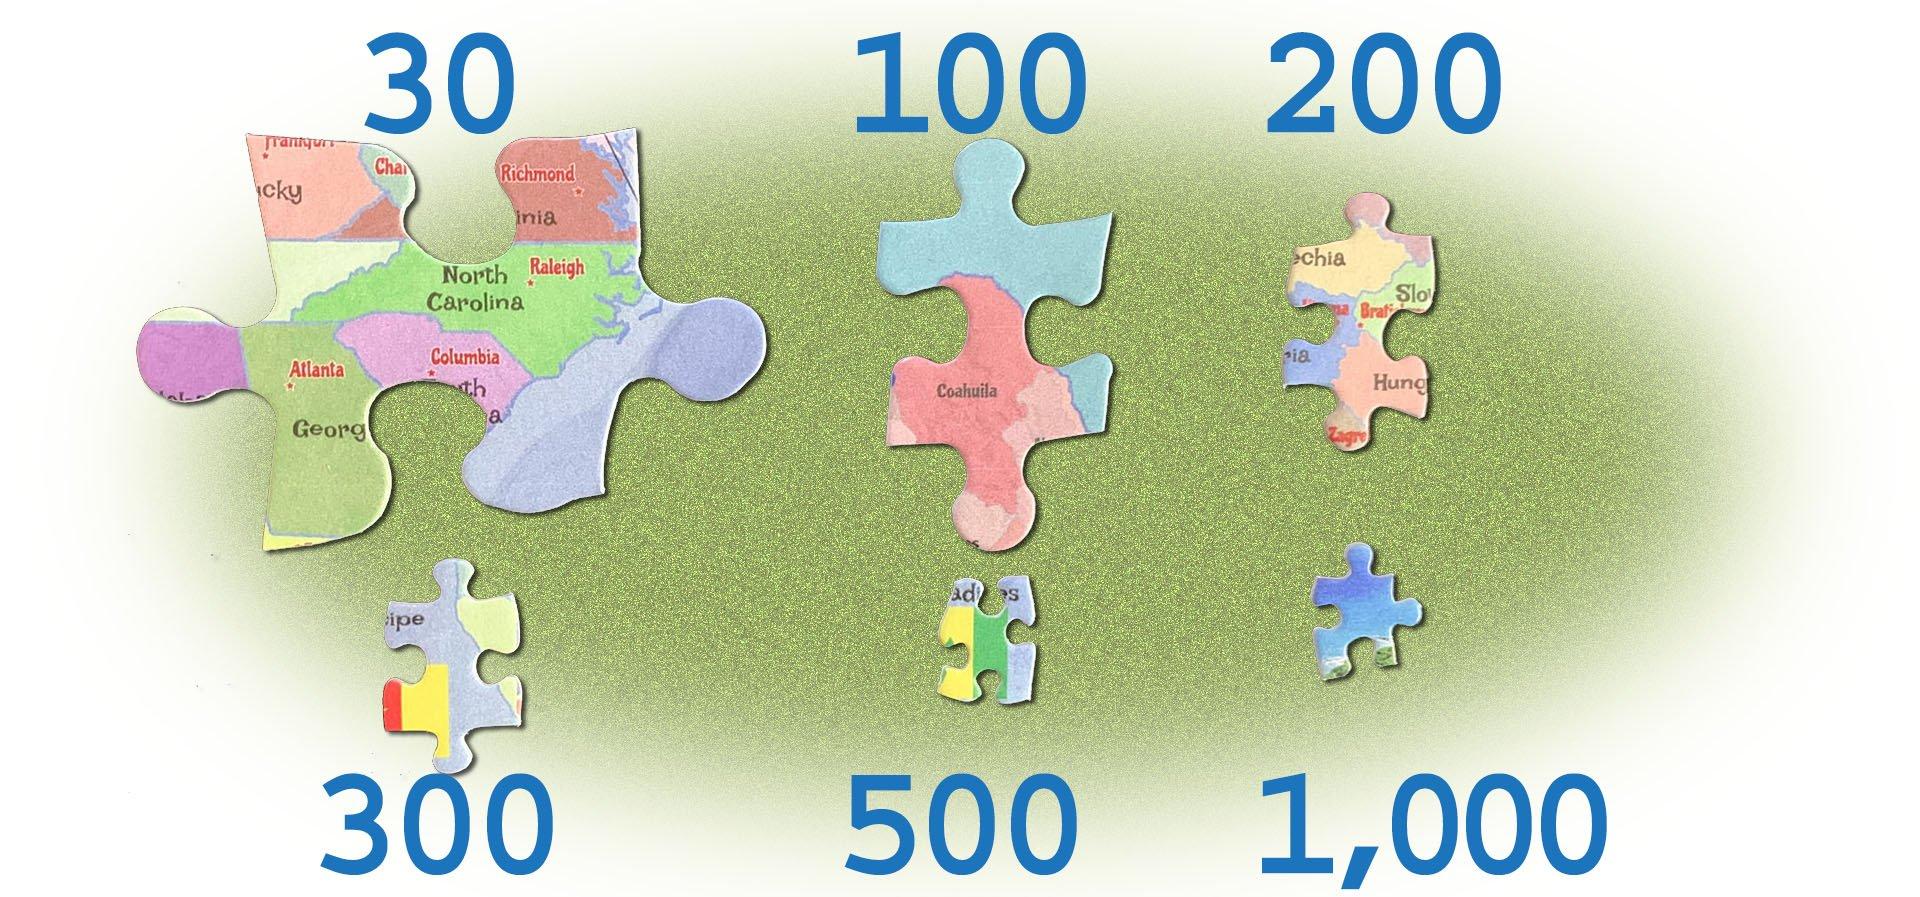 Puzzle Piece Sizes